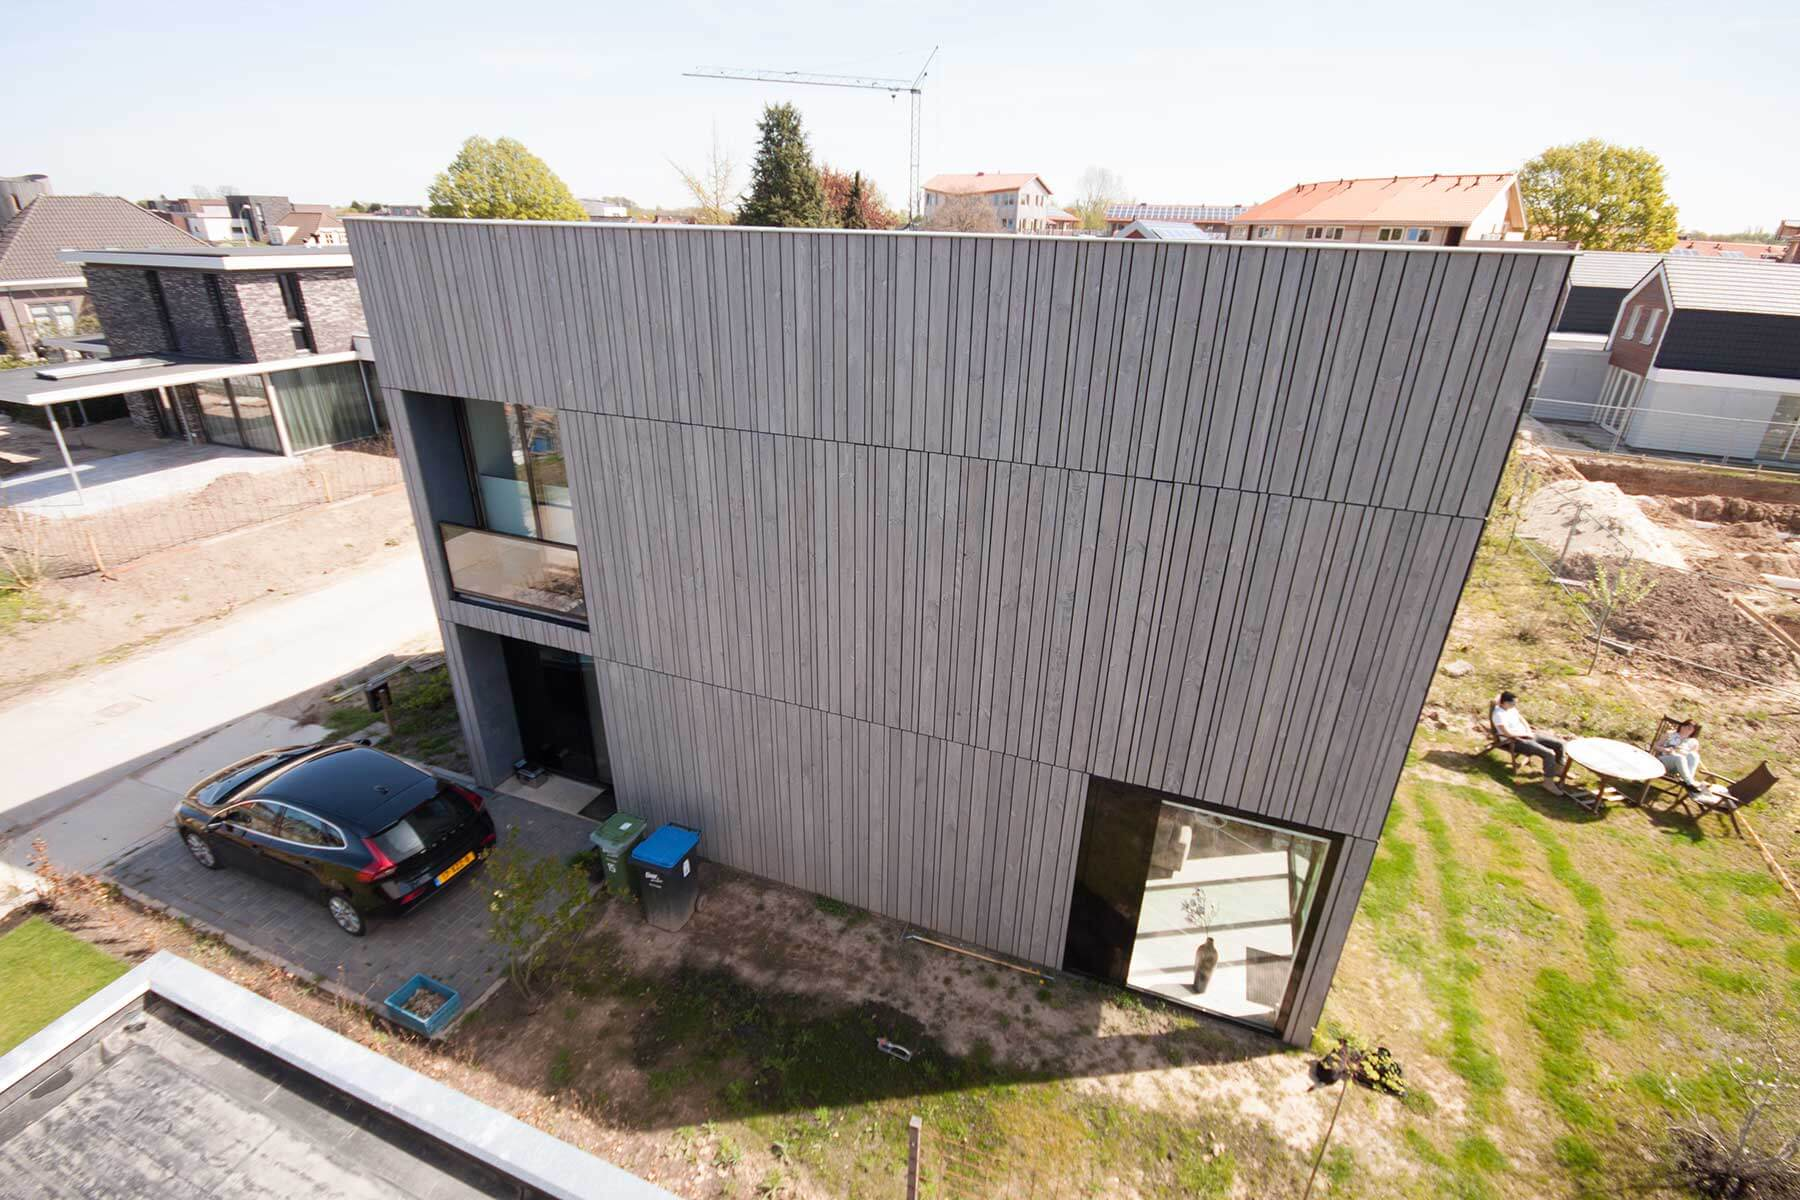 8A Architecten Datcha house 2 Nijmegen (Lent)